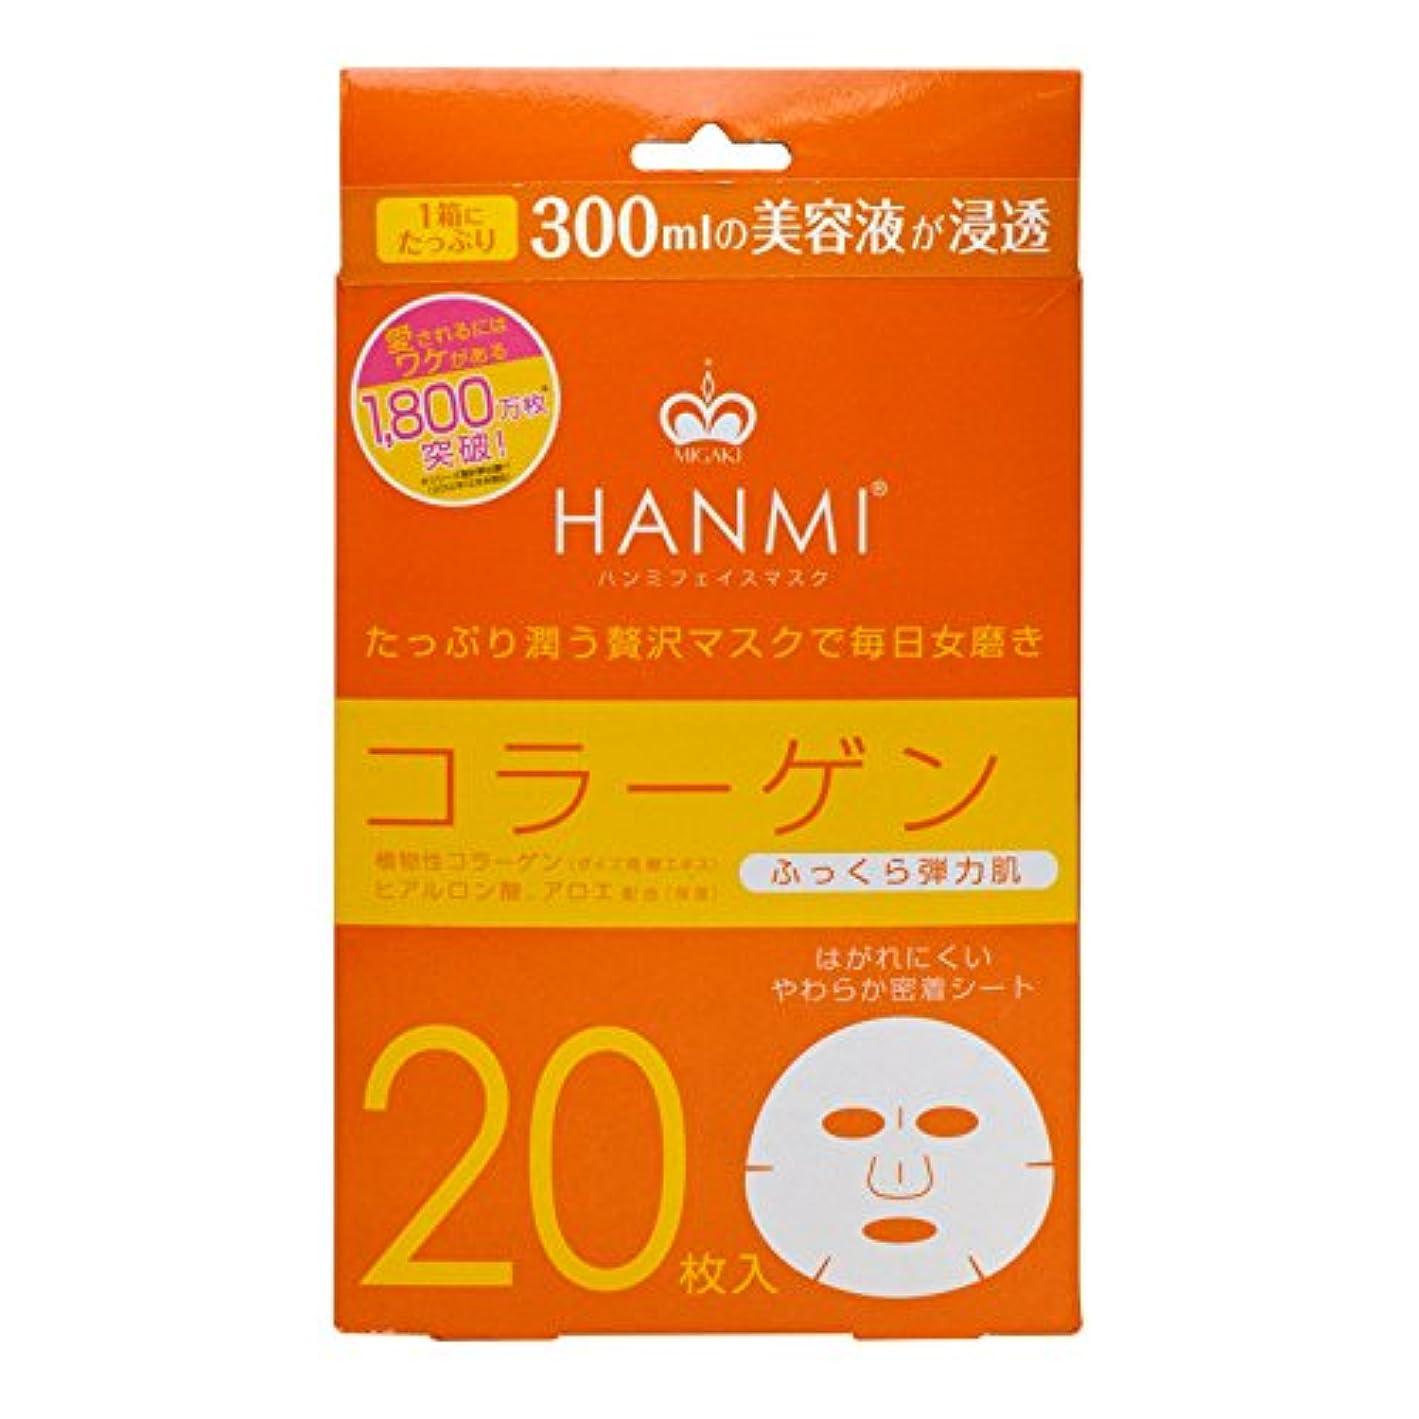 チョコレート部分的に検索エンジンマーケティングMIGAKI ハンミフェイスマスク コラーゲン 20枚入り